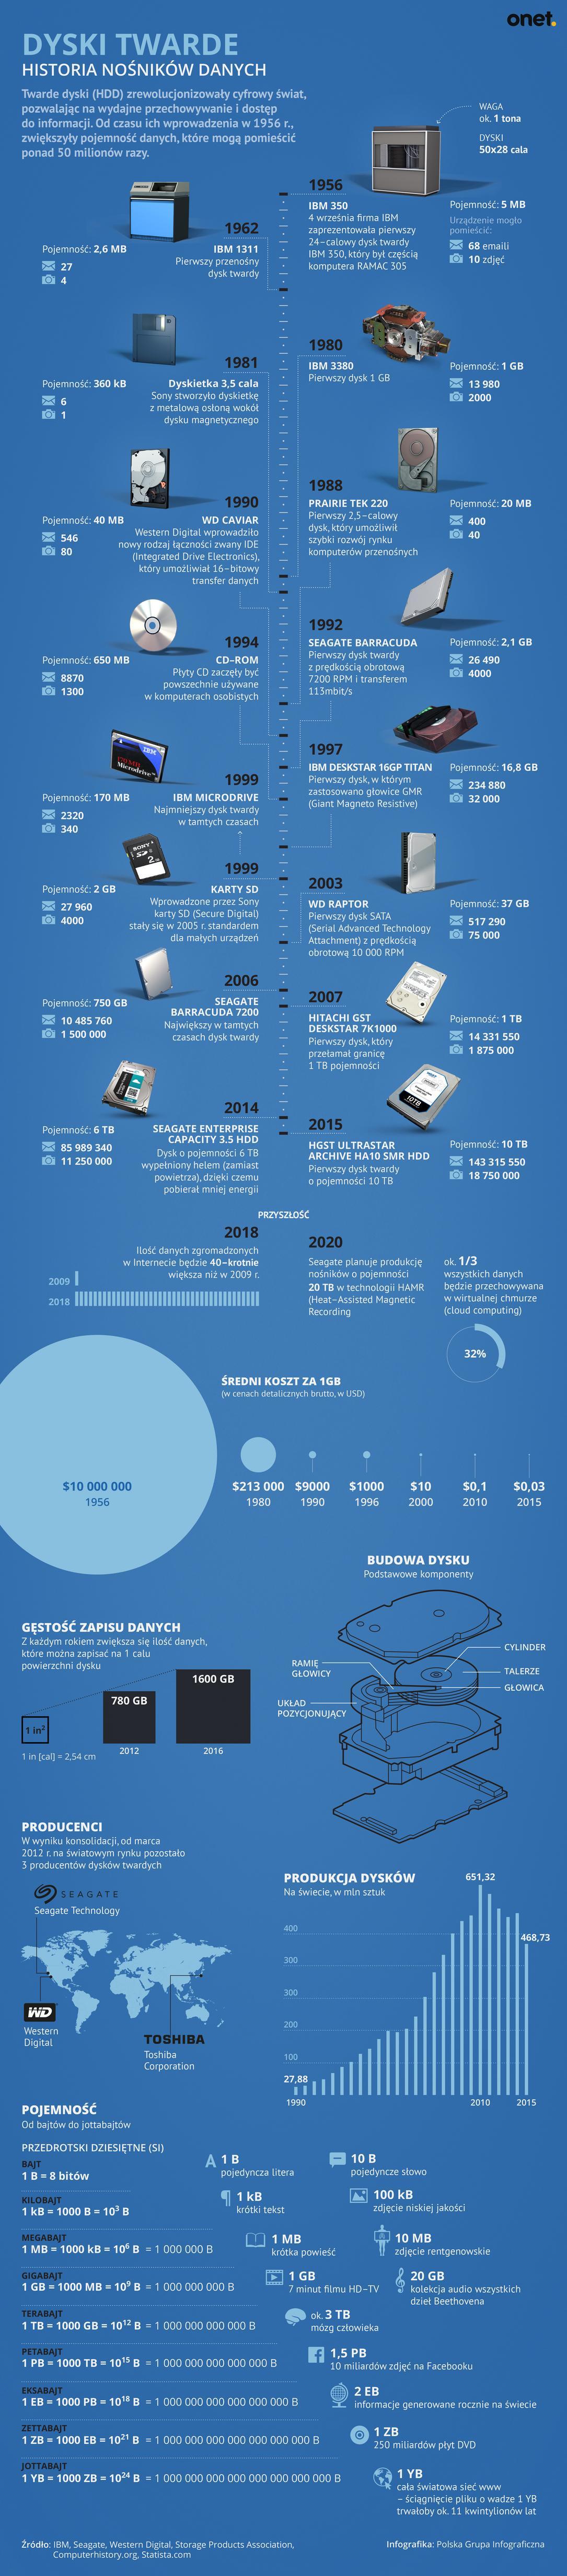 Dysk twardy - historia nośników danych